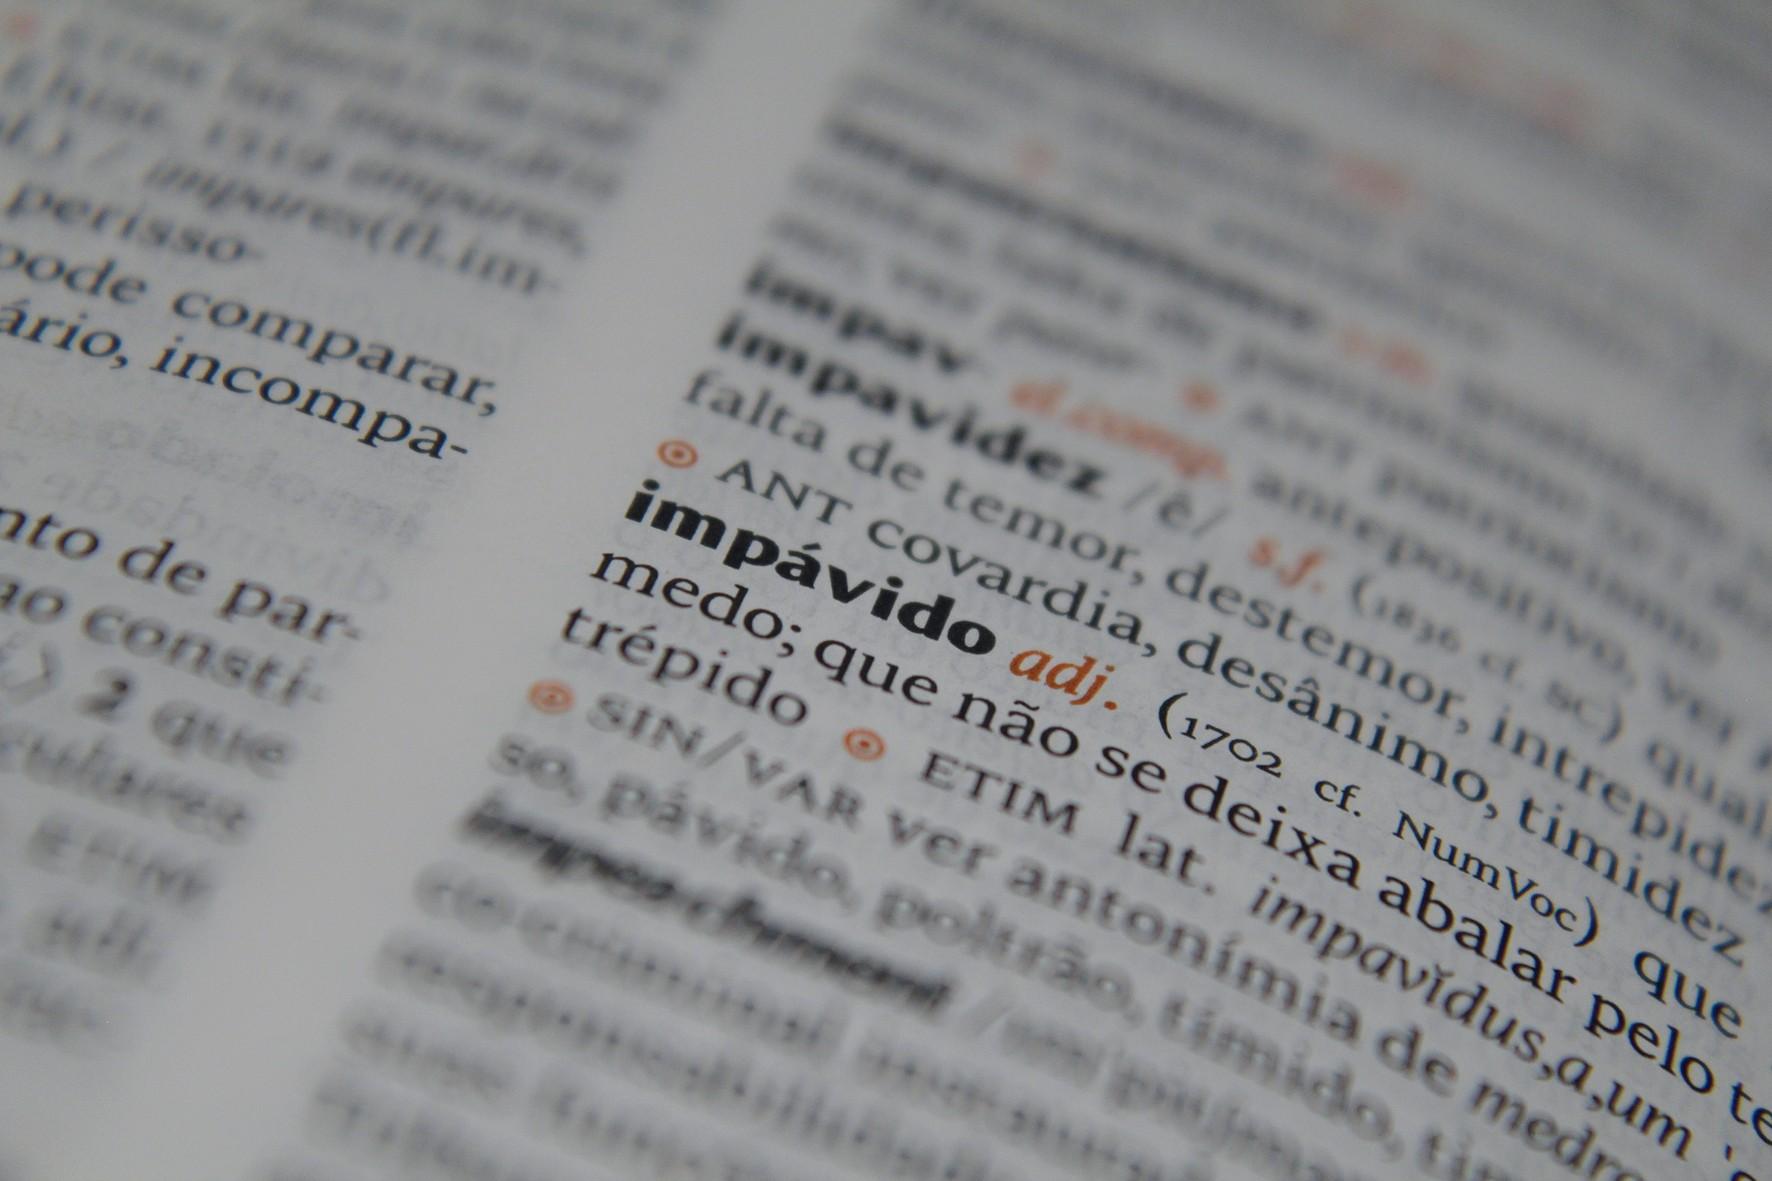 Dicionário da Língua Portuguesa III » USP Imagens - Banco